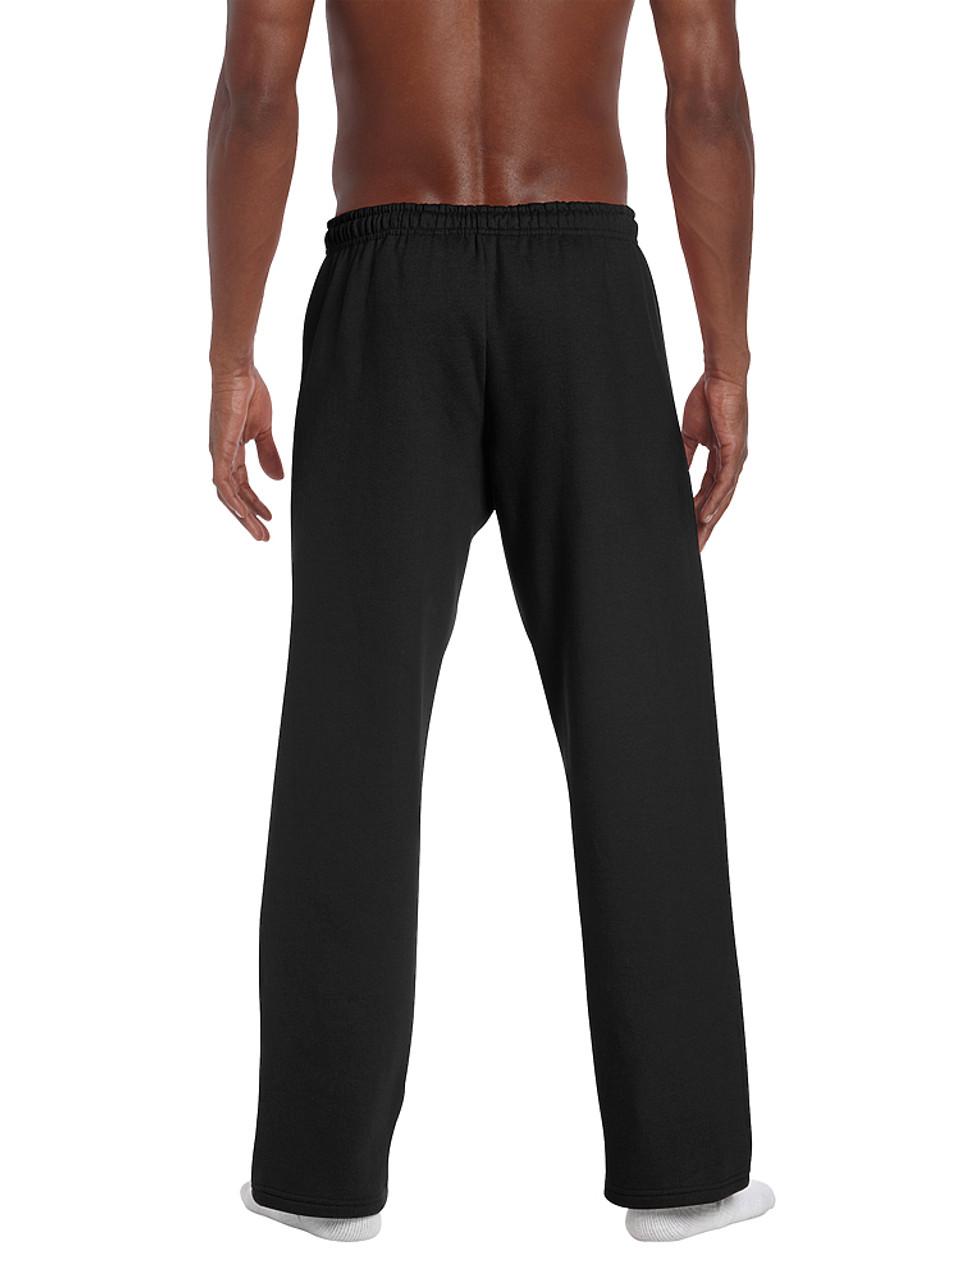 18400 Gildan No Pocket / Open Bottom Pants | T-shirt.ca